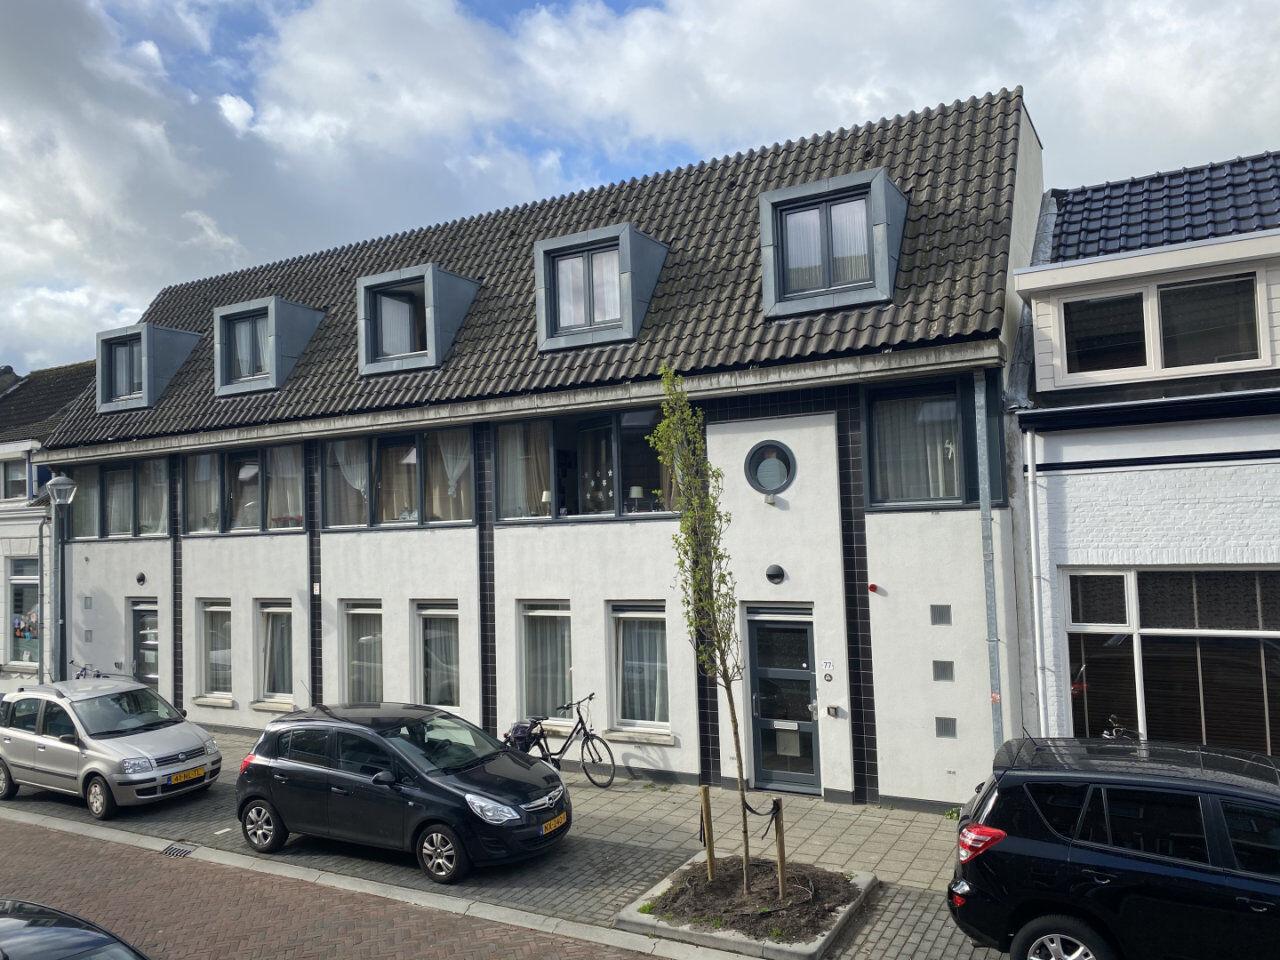 b841-koepelstraat_83-bergen_op_zoom-1494252209